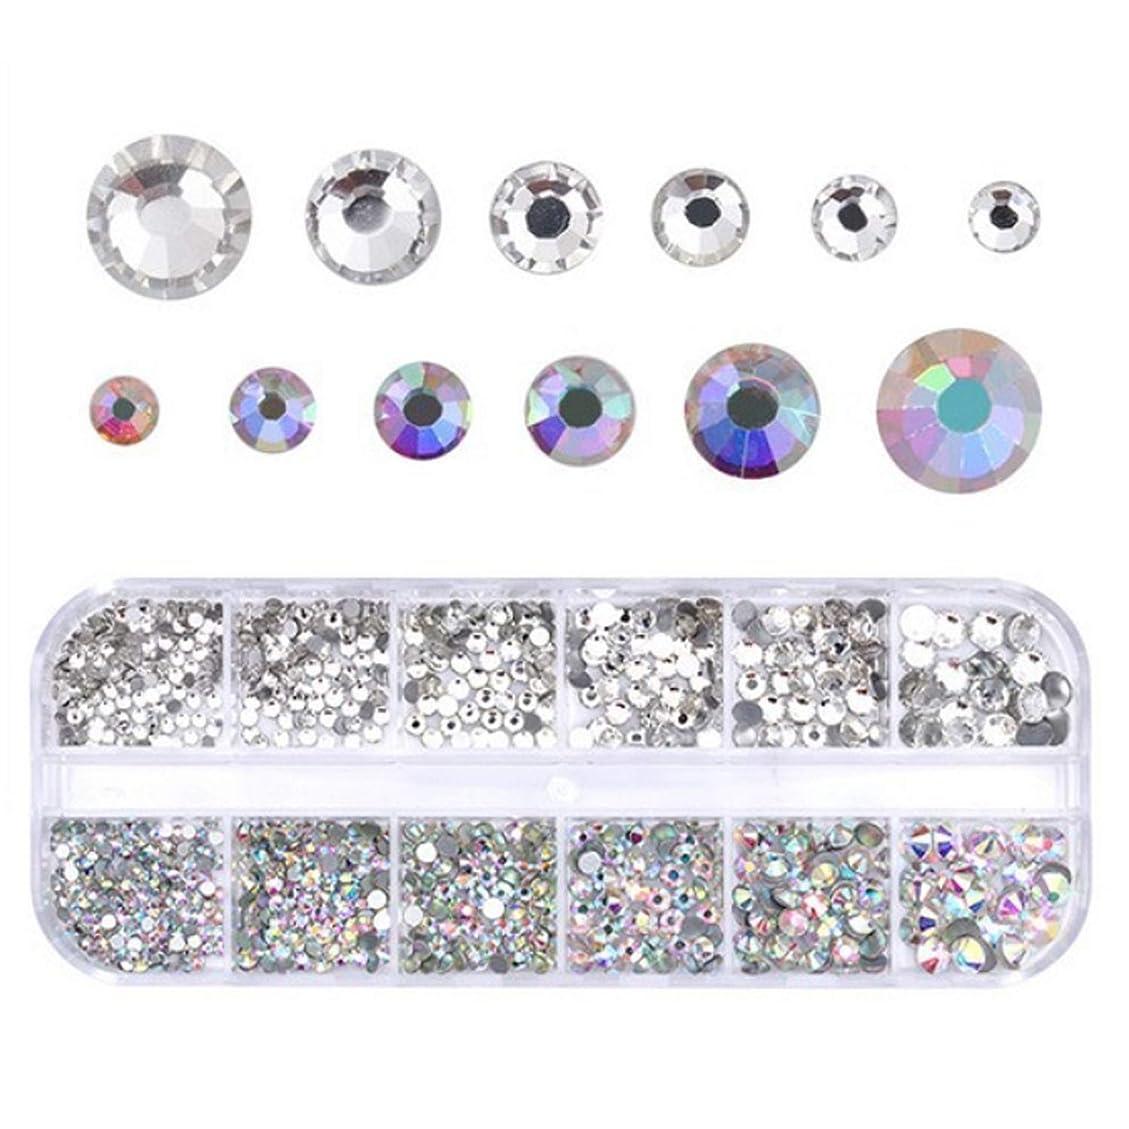 で出来ている原稿ピースMigavann 12-Grids ネイルアートラインストーン ネイルクリスタルフラットバックラインストーンクリアガラスチャーム宝石ストーンダイヤモンド